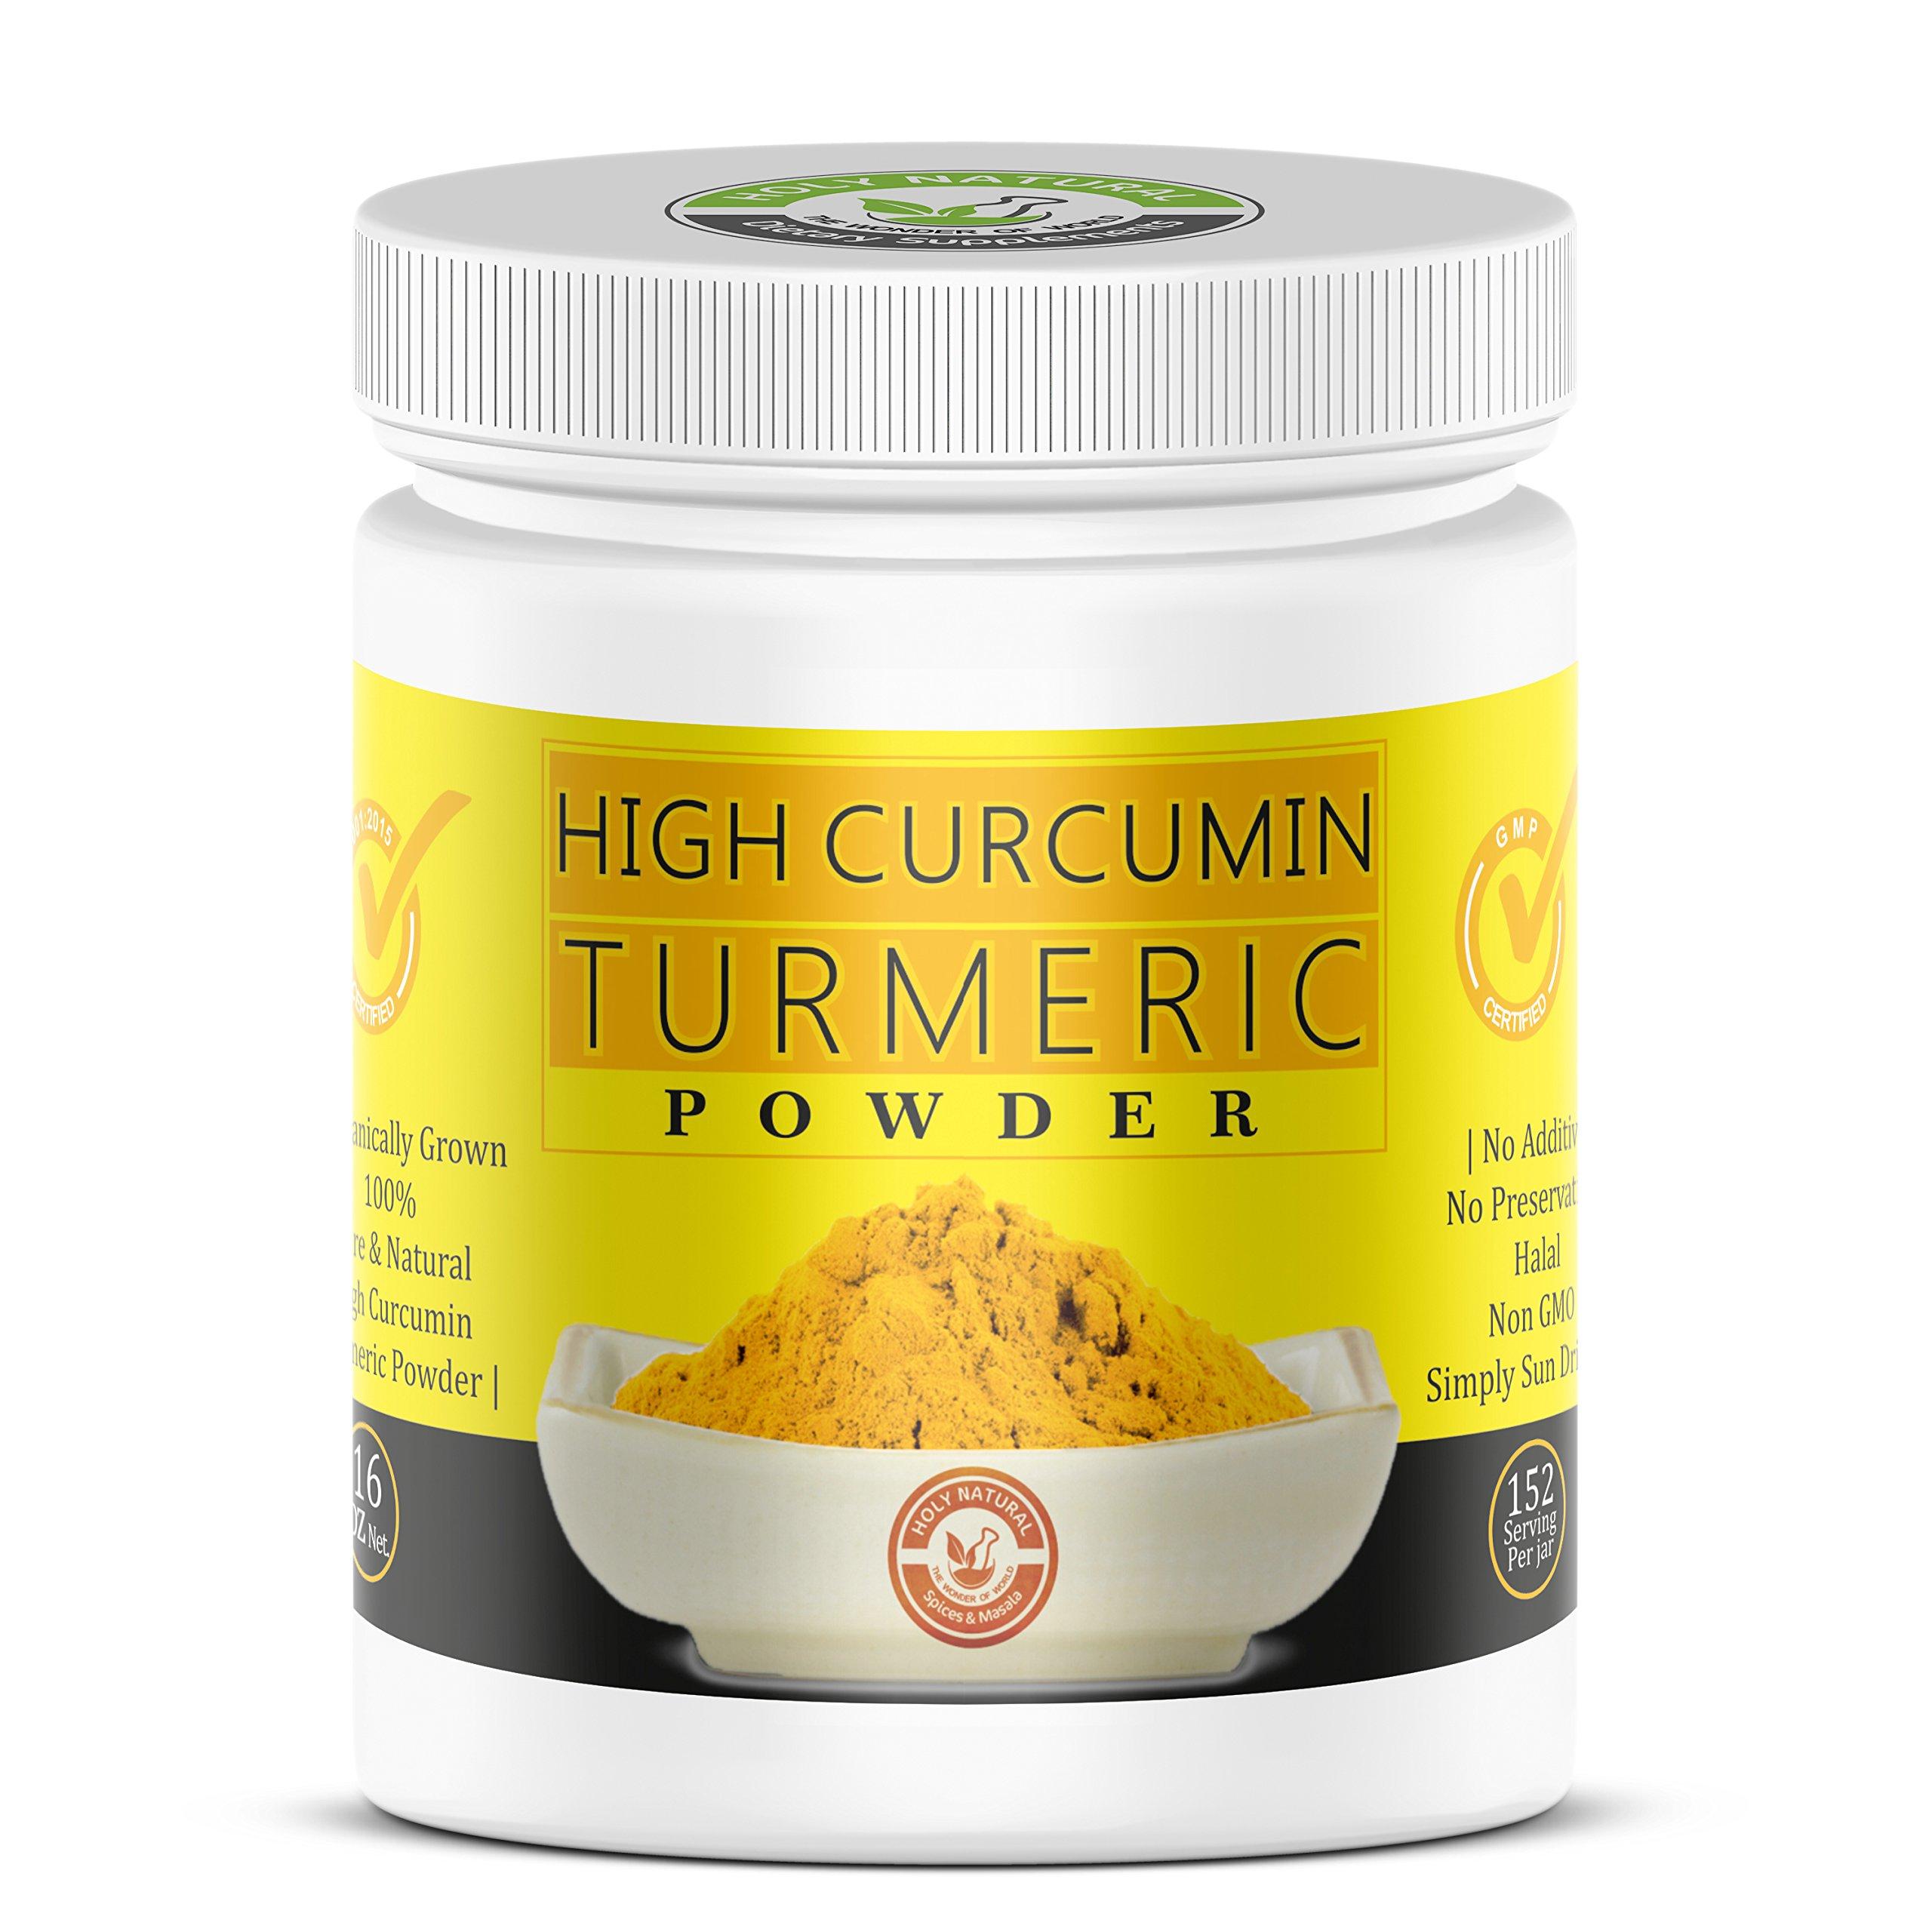 100% Pure & Raw High Curcumin Turmeric Powder (Curcuma Contain 6%) by Holy Natural, Organically Grown-16 Oz